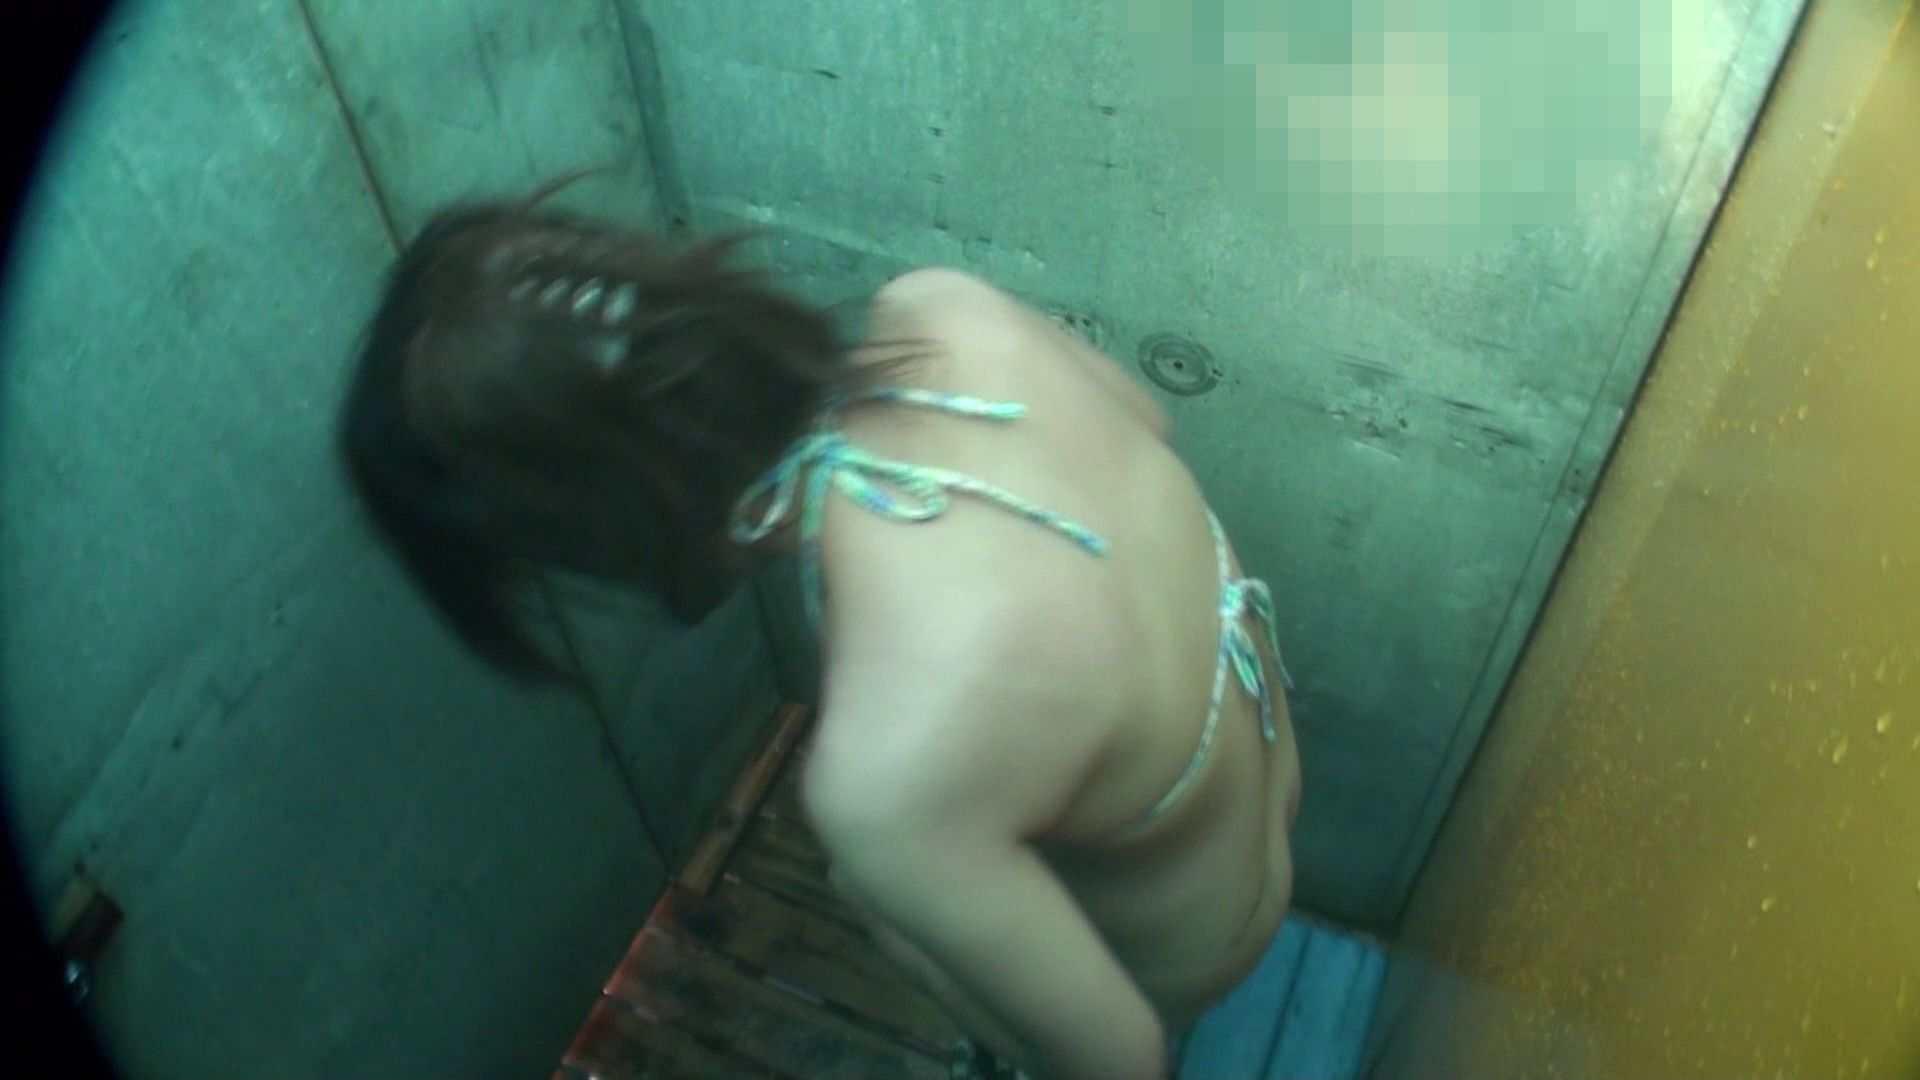 シャワールームは超!!危険な香りVol.15 残念ですが乳首未確認 マンコの砂は入念に 高画質 盗撮アダルト動画キャプチャ 51画像 4